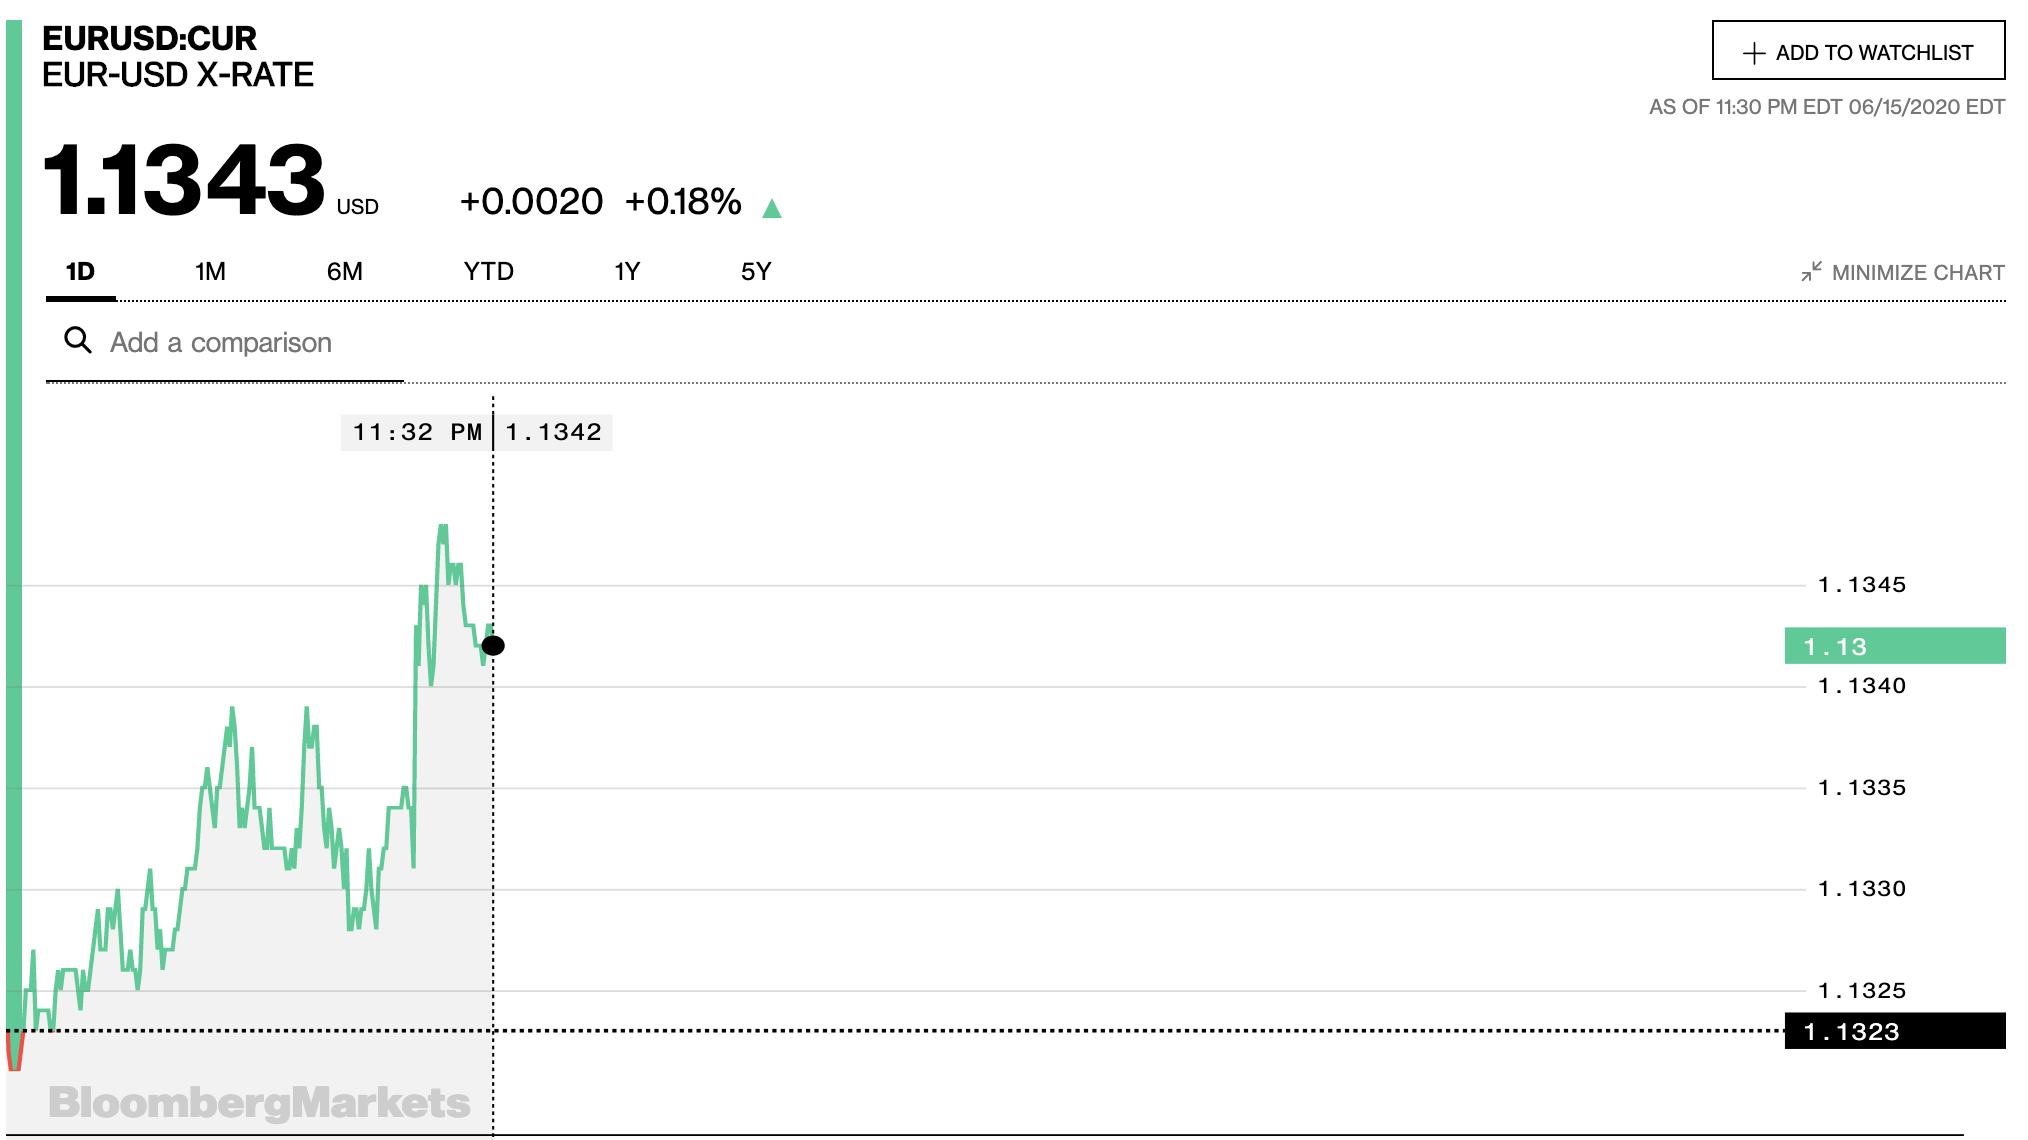 Tỷ giá euro hôm nay 16/6: Hầu hết các ngân hàng tăng trở lại - Ảnh 2.